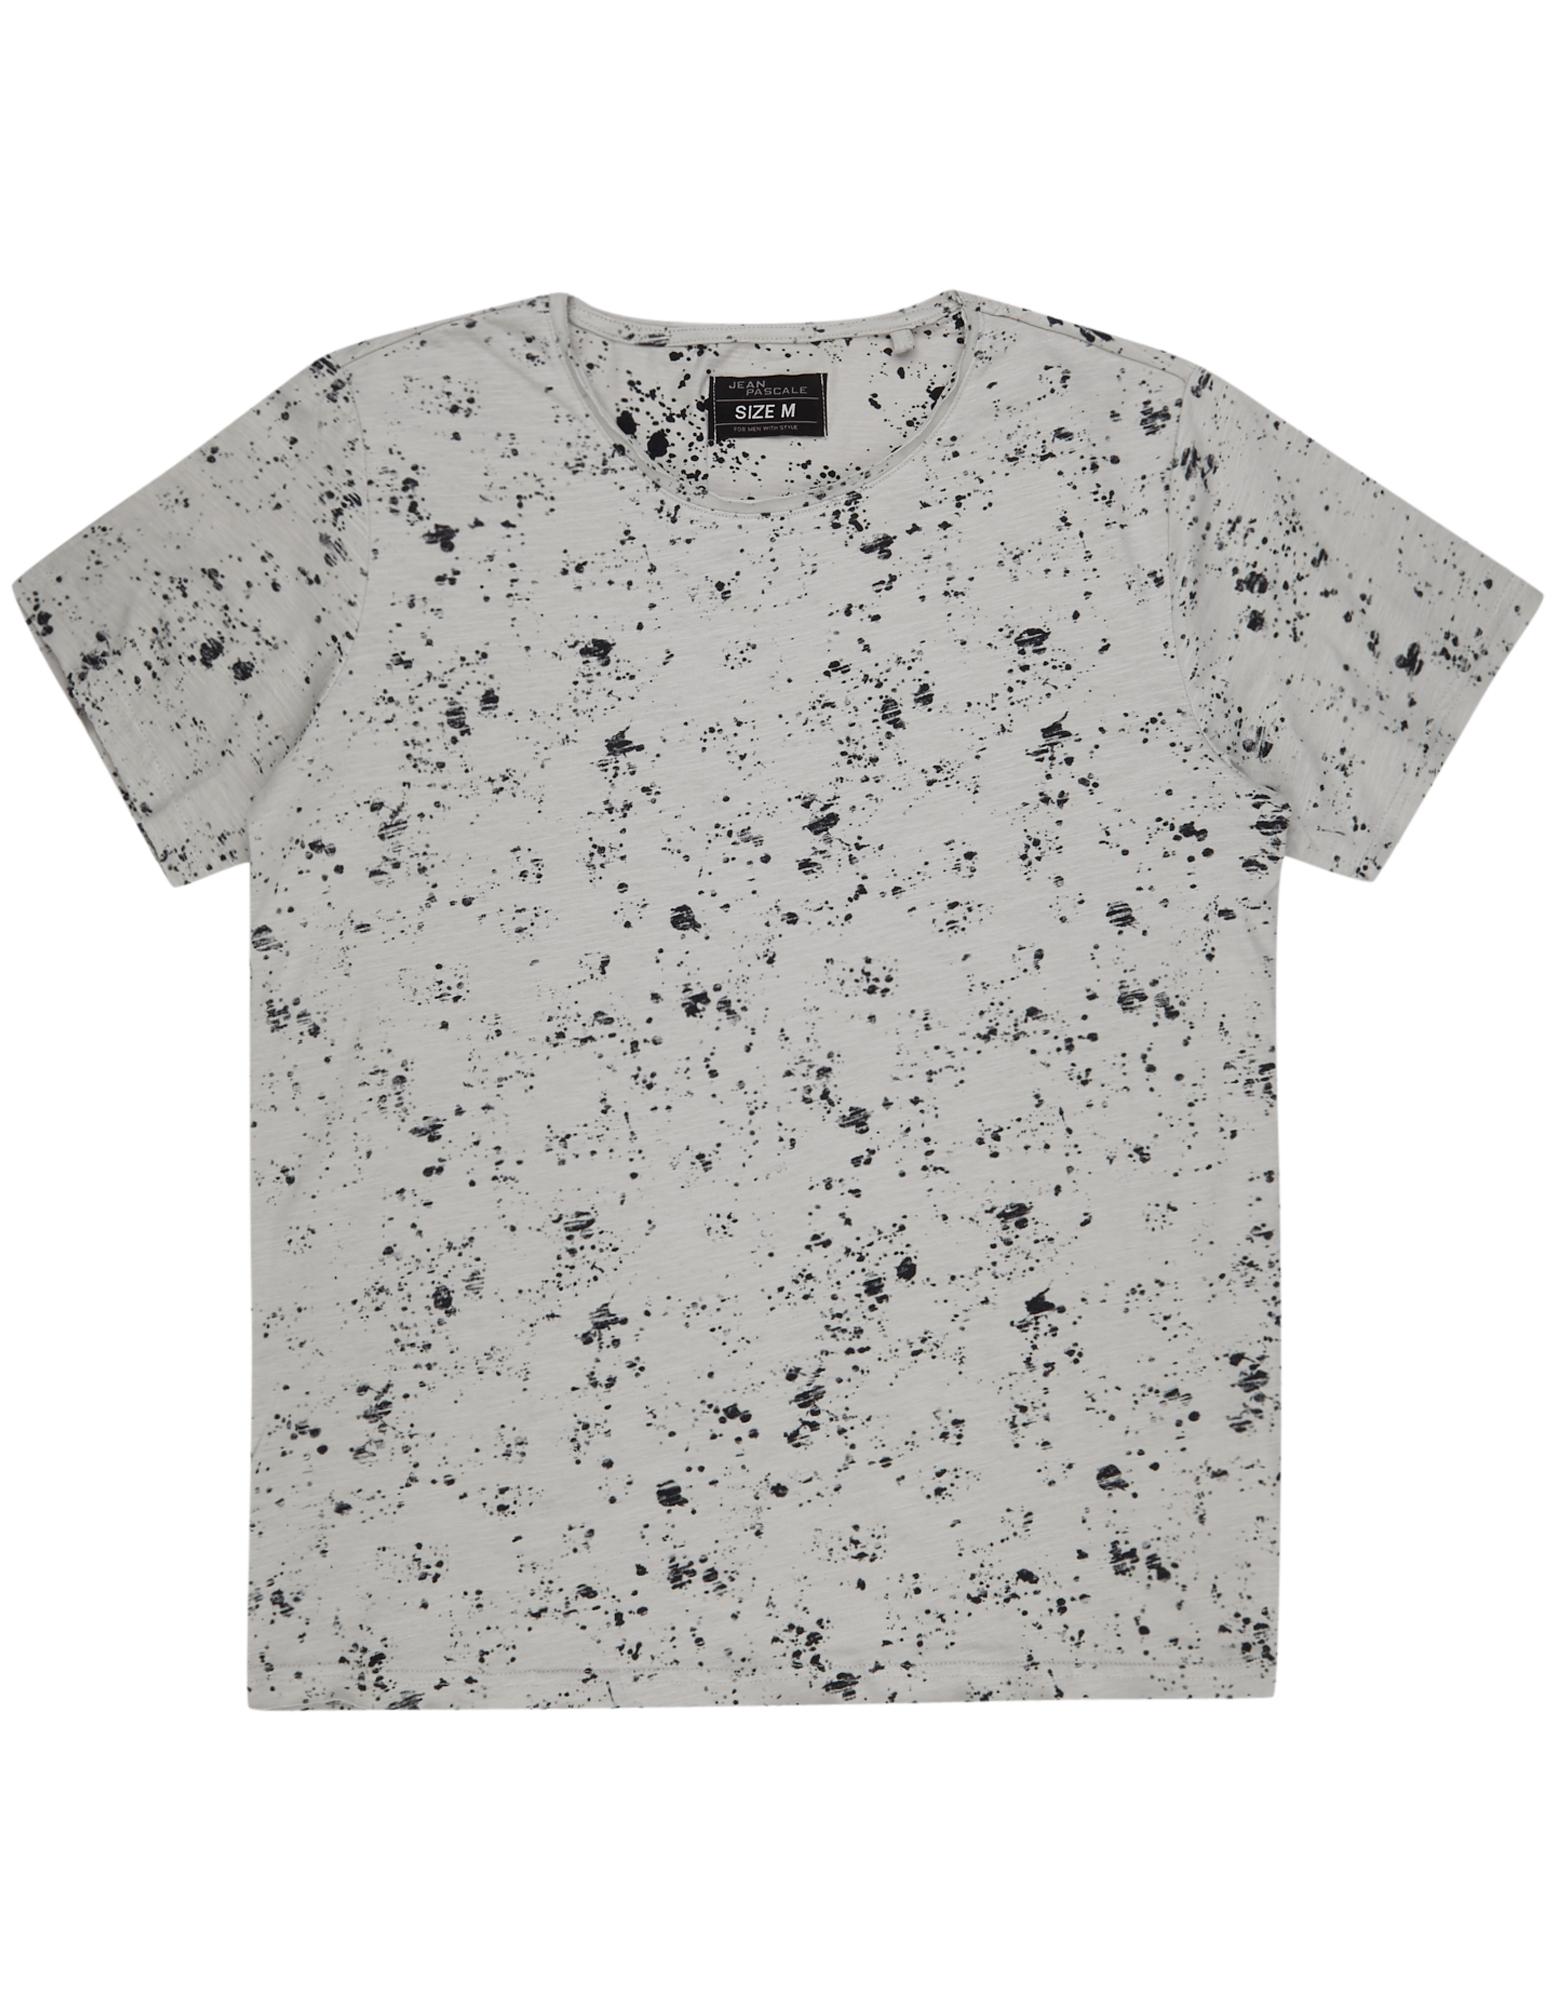 Herren T-Shirt mit Spray-Muster    81425141240606